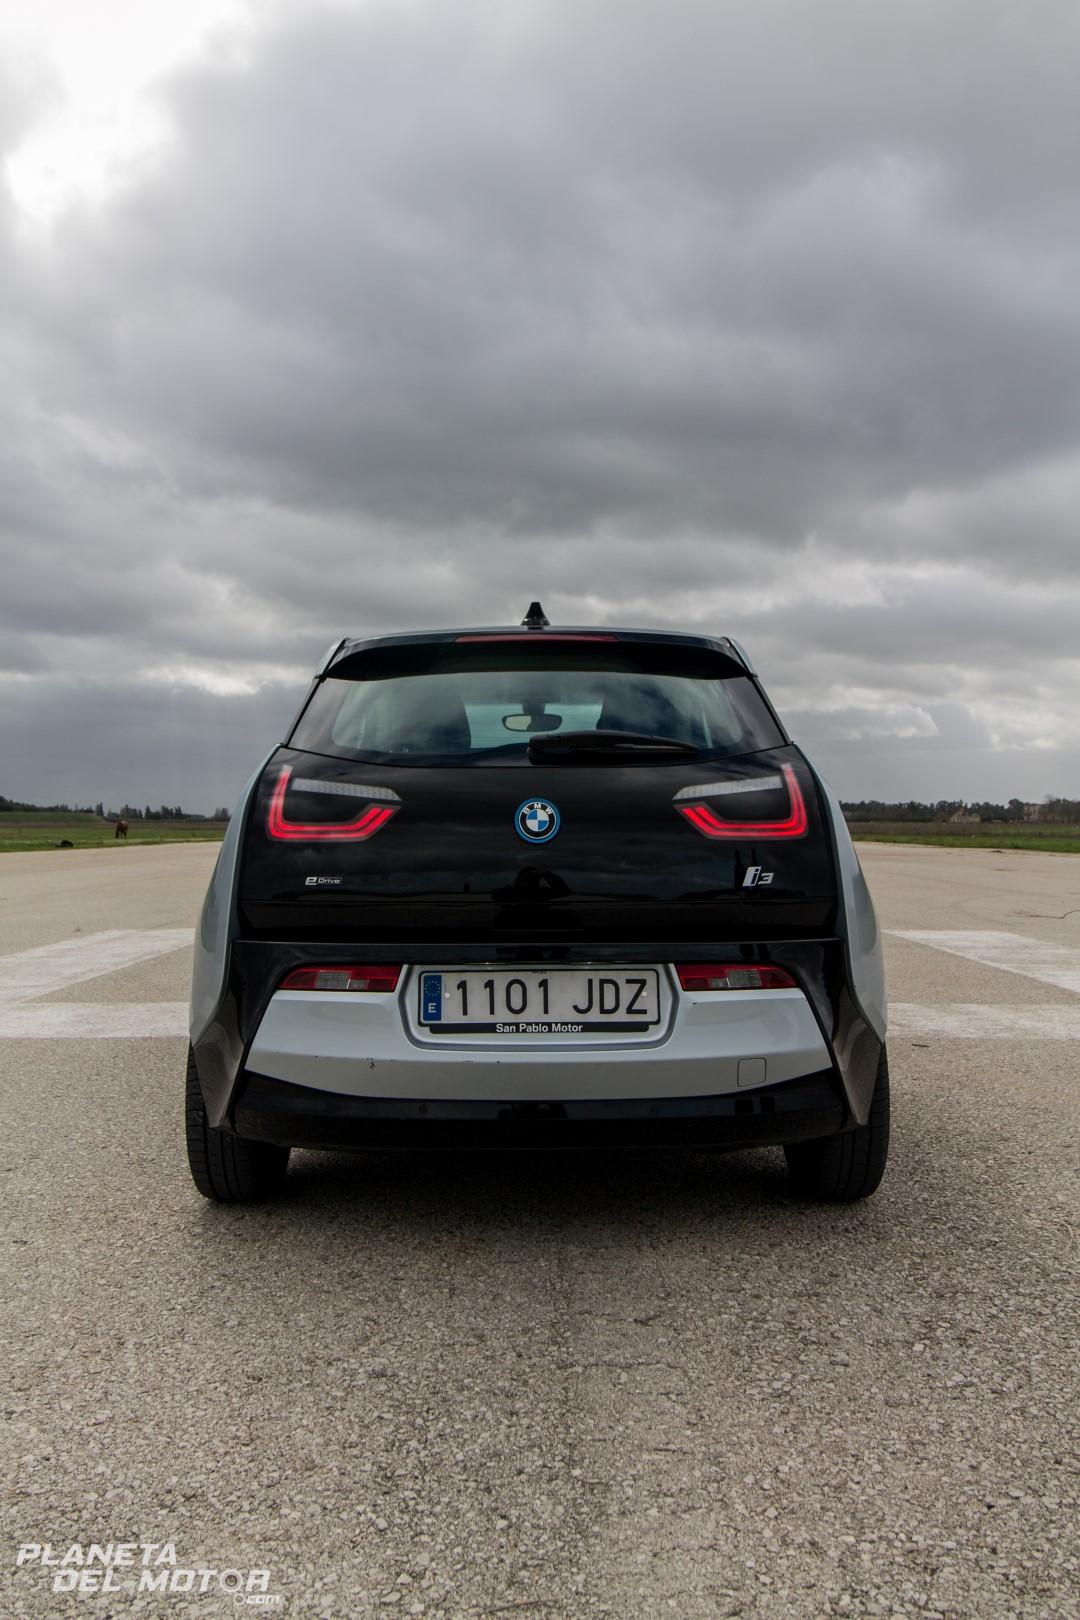 BMW i3 -48 (Large)